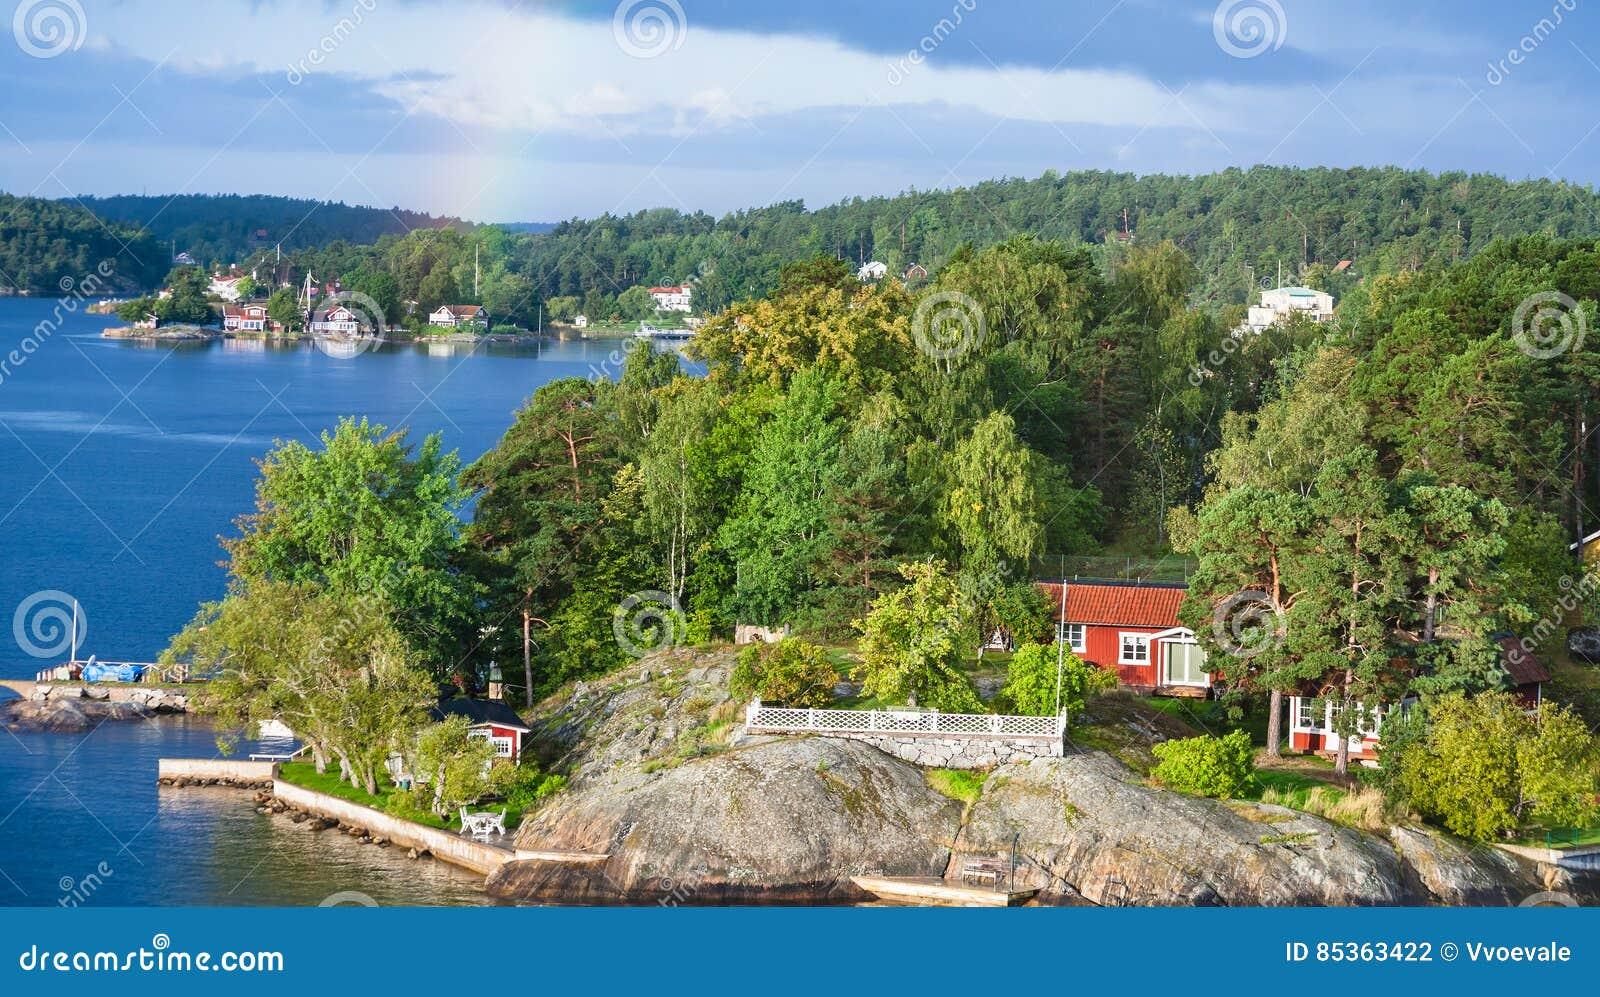 Landhaus Im Grünen Holz Auf Felsiger Küste Stockfoto - Bild von ...